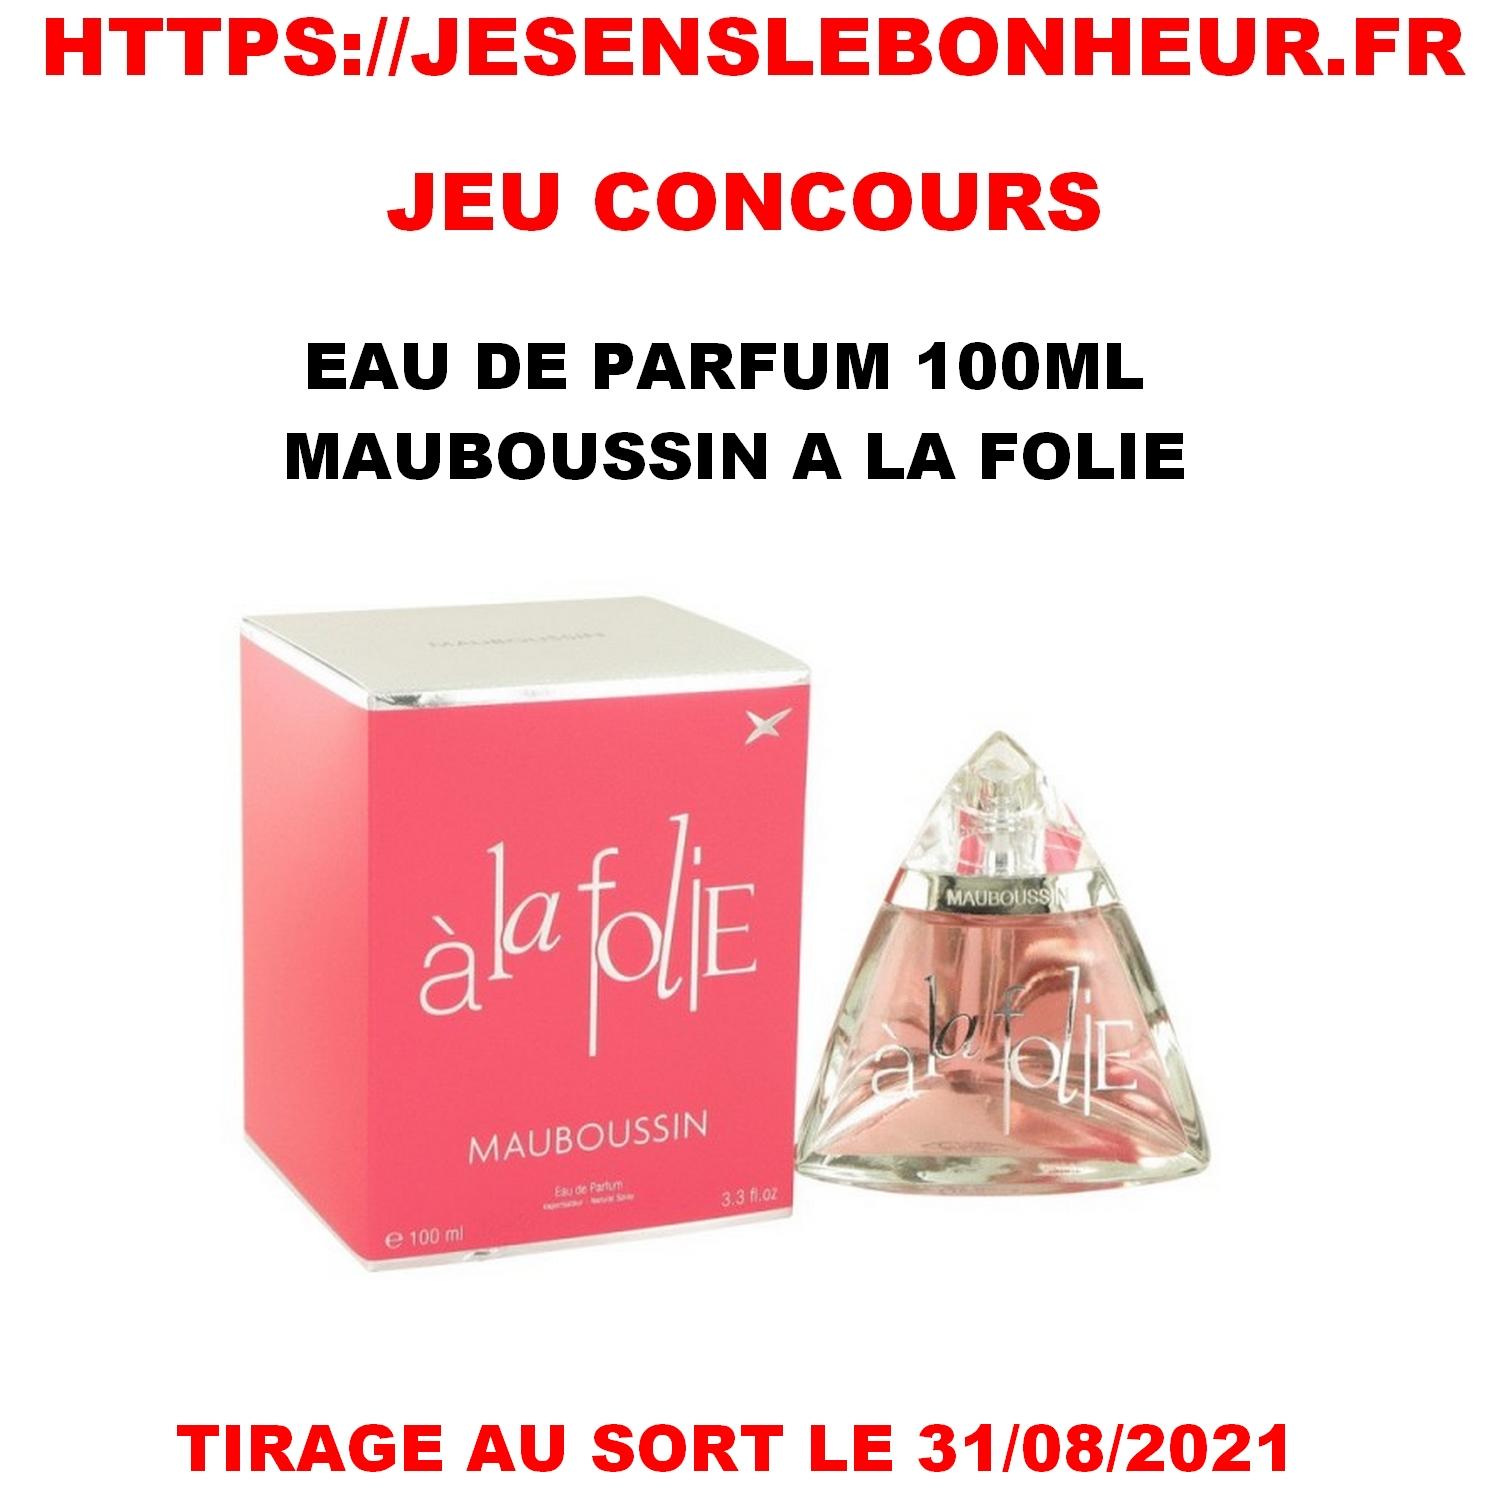 1 FLACON D'EAU DE PARFUM 100ML A LA FOLIE DE MAUBOUSSIN A GAGNER